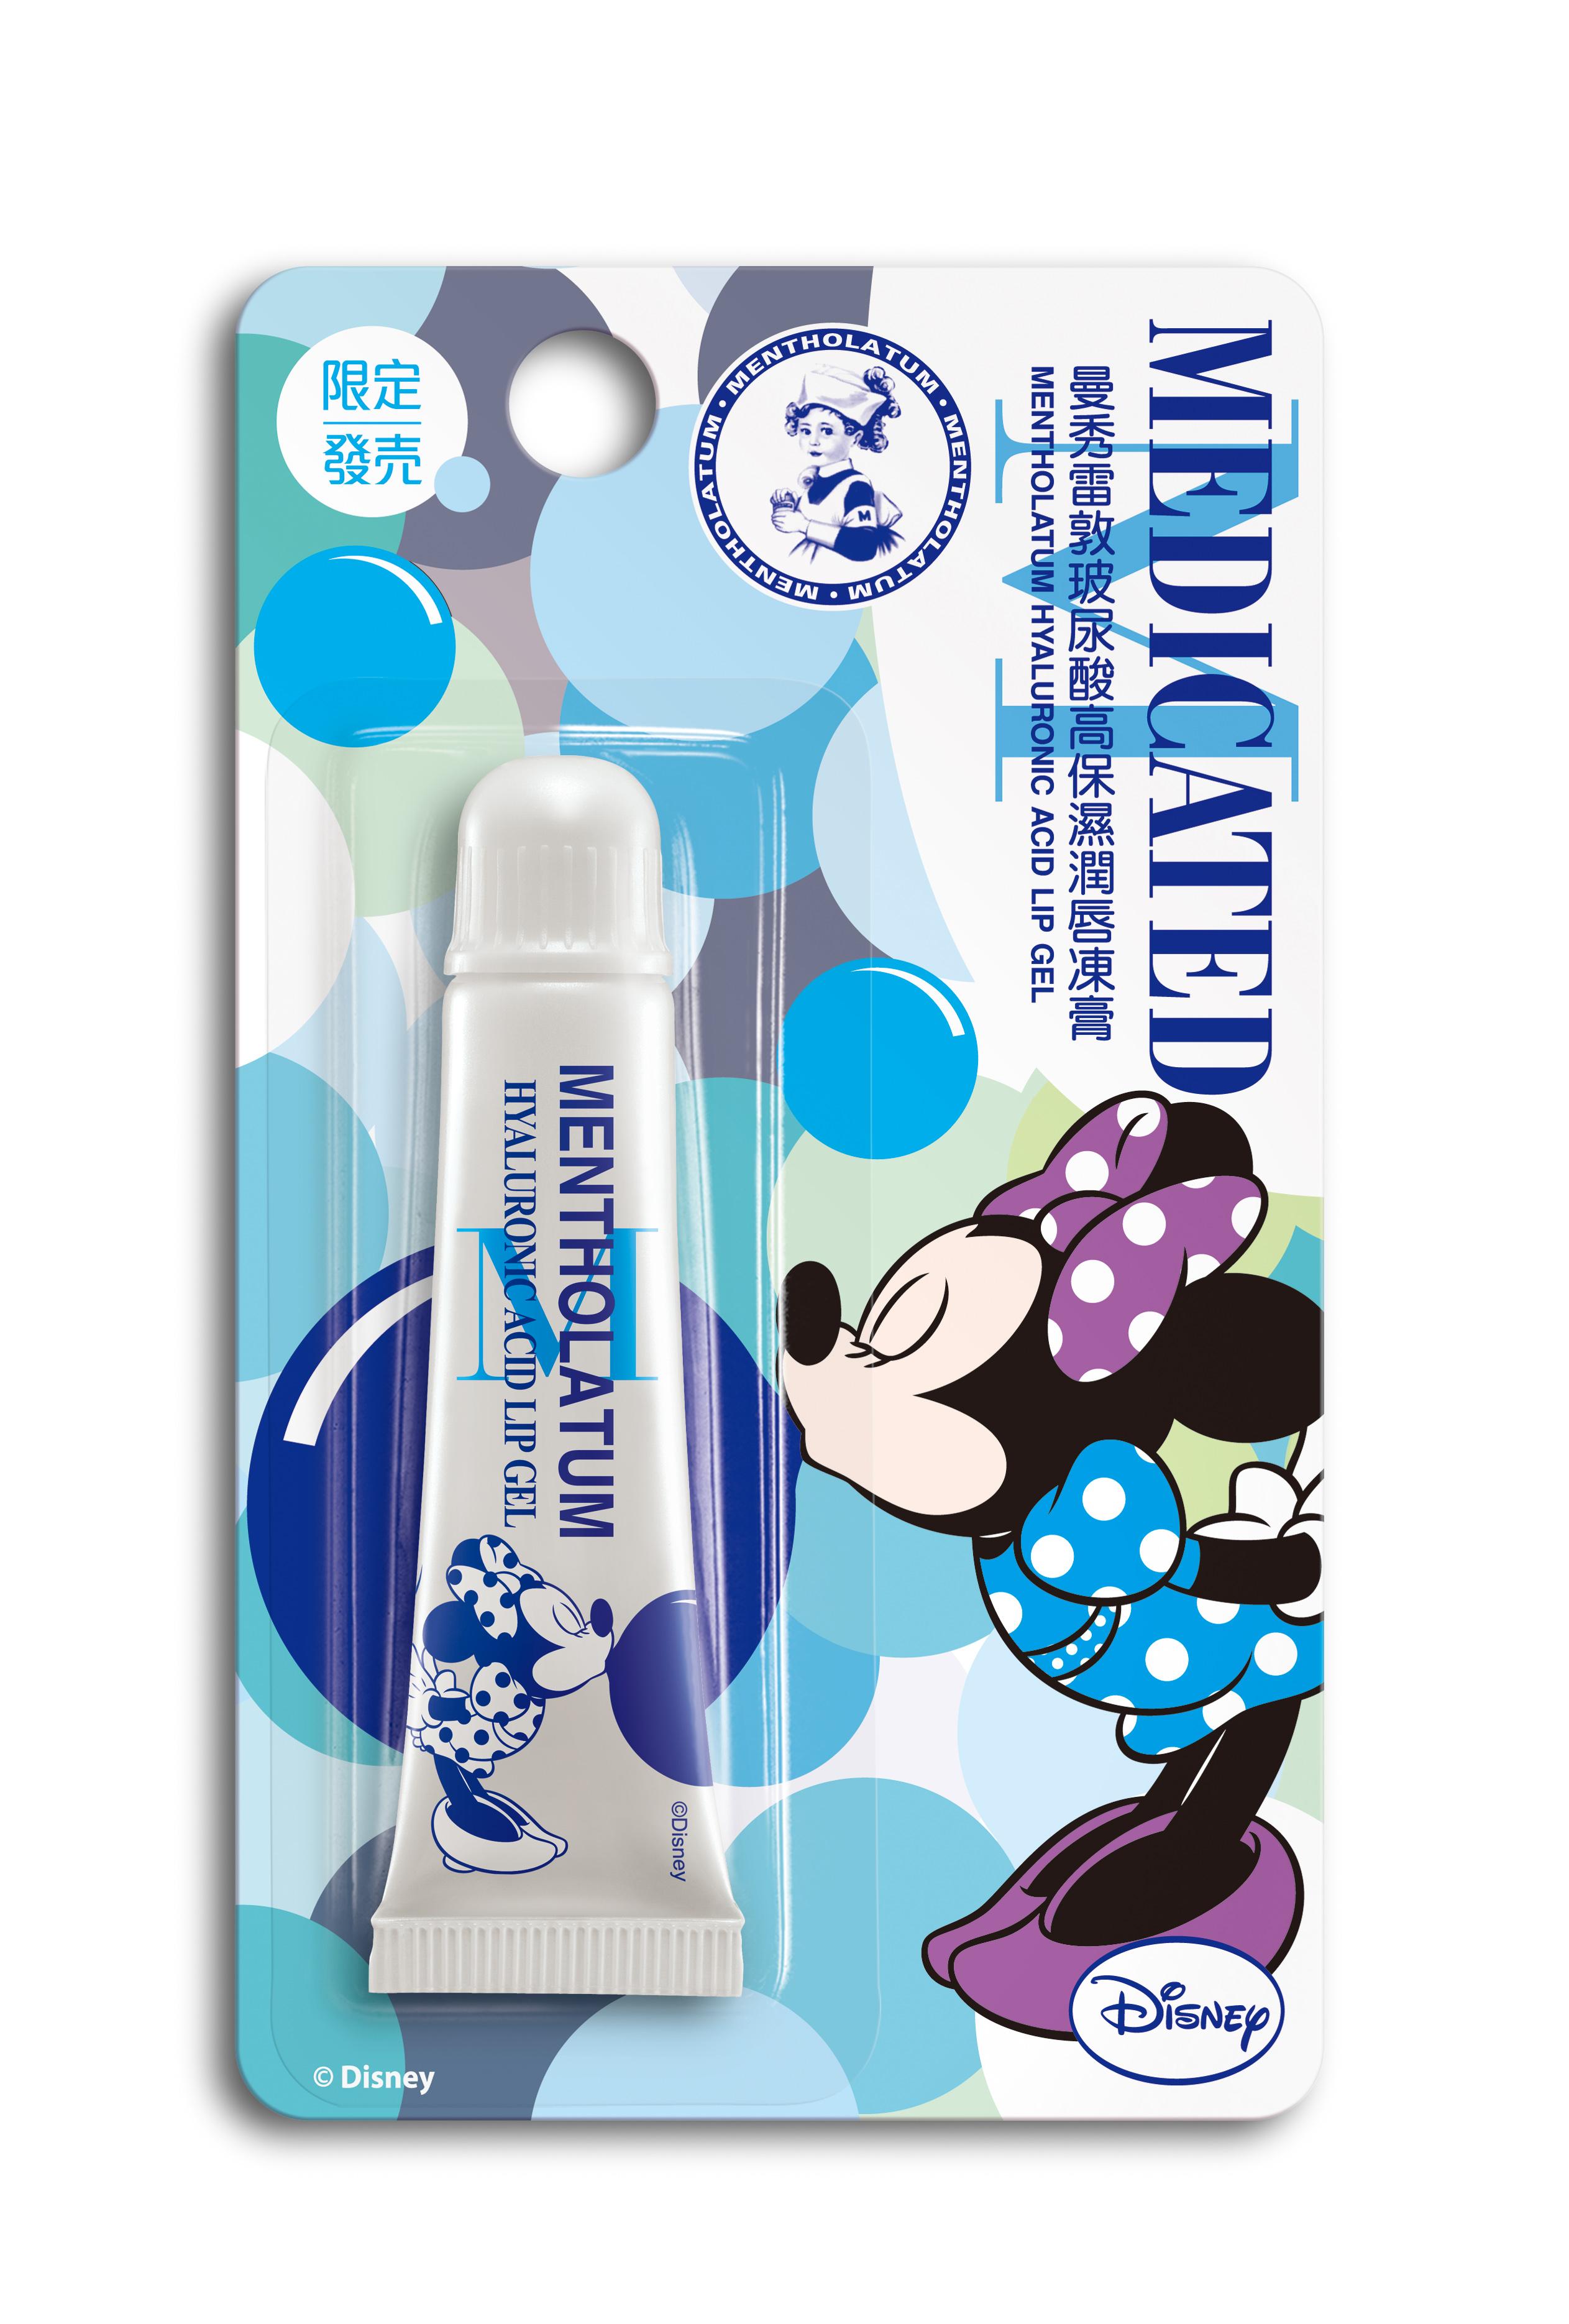 2015 曼秀雷敦潤唇凍膏Disney限定版 - 玻尿酸高保濕潤唇凍膏